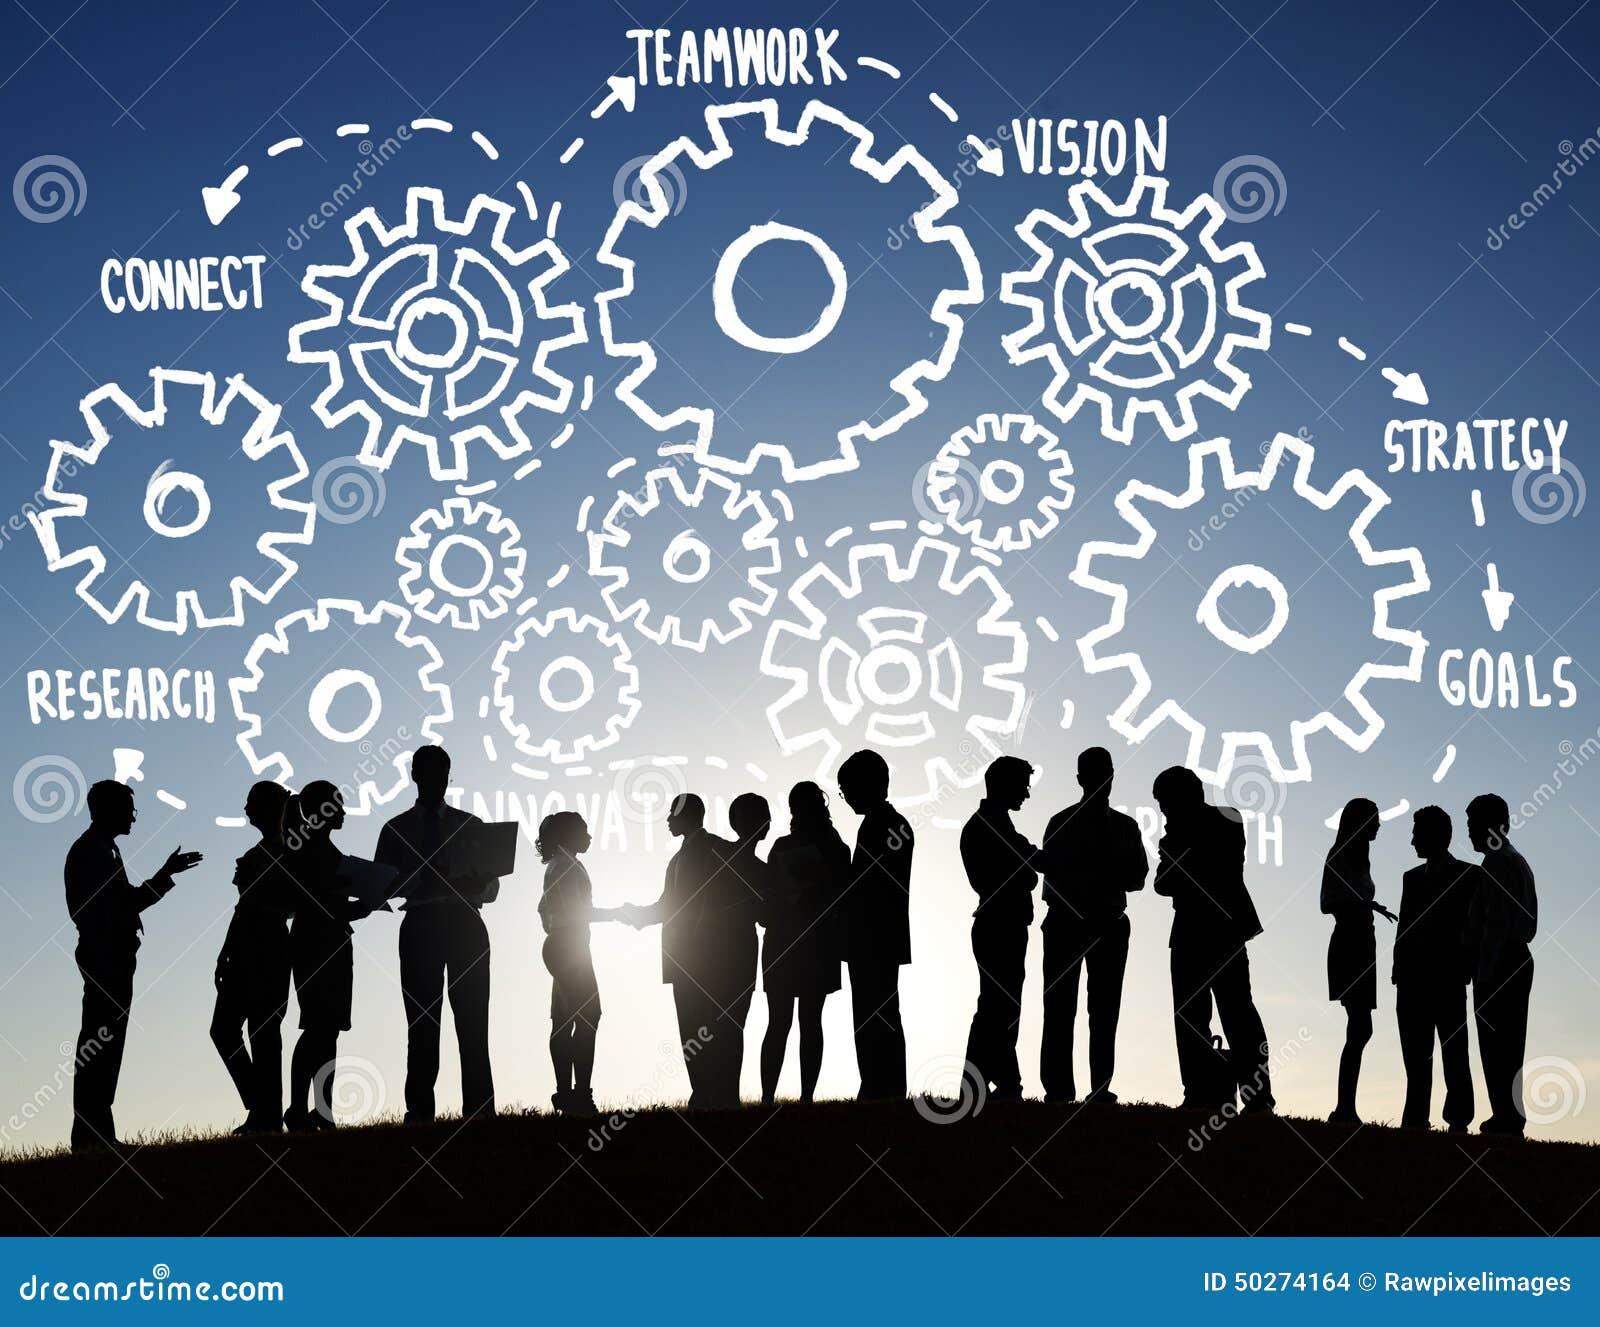 Team Teamwork Goals Strategy Vision-Bedrijfssteunconcept